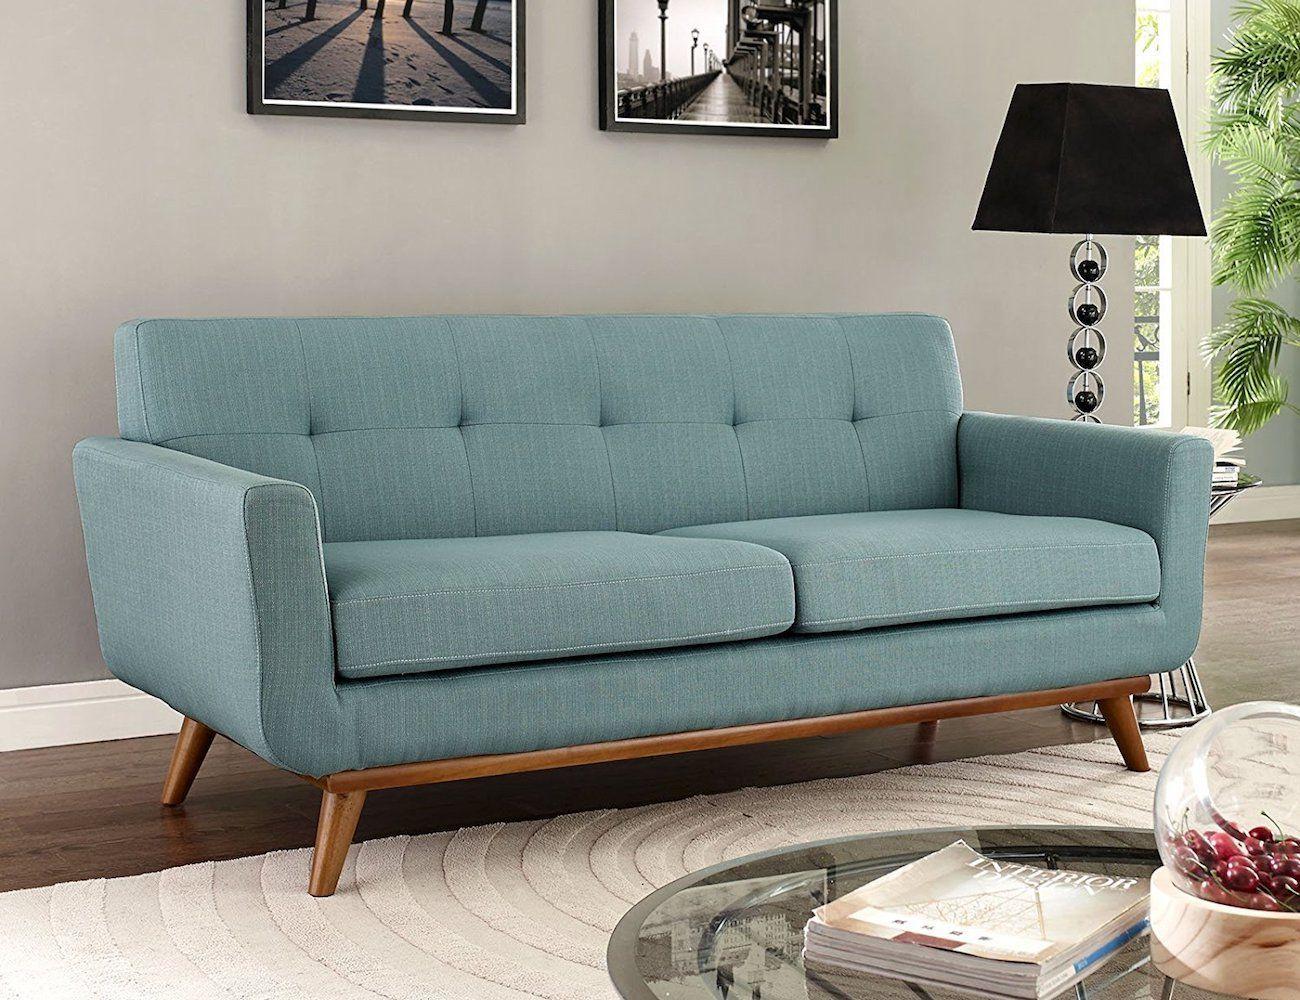 Modway Engage Upholstered Loveseat Sofa